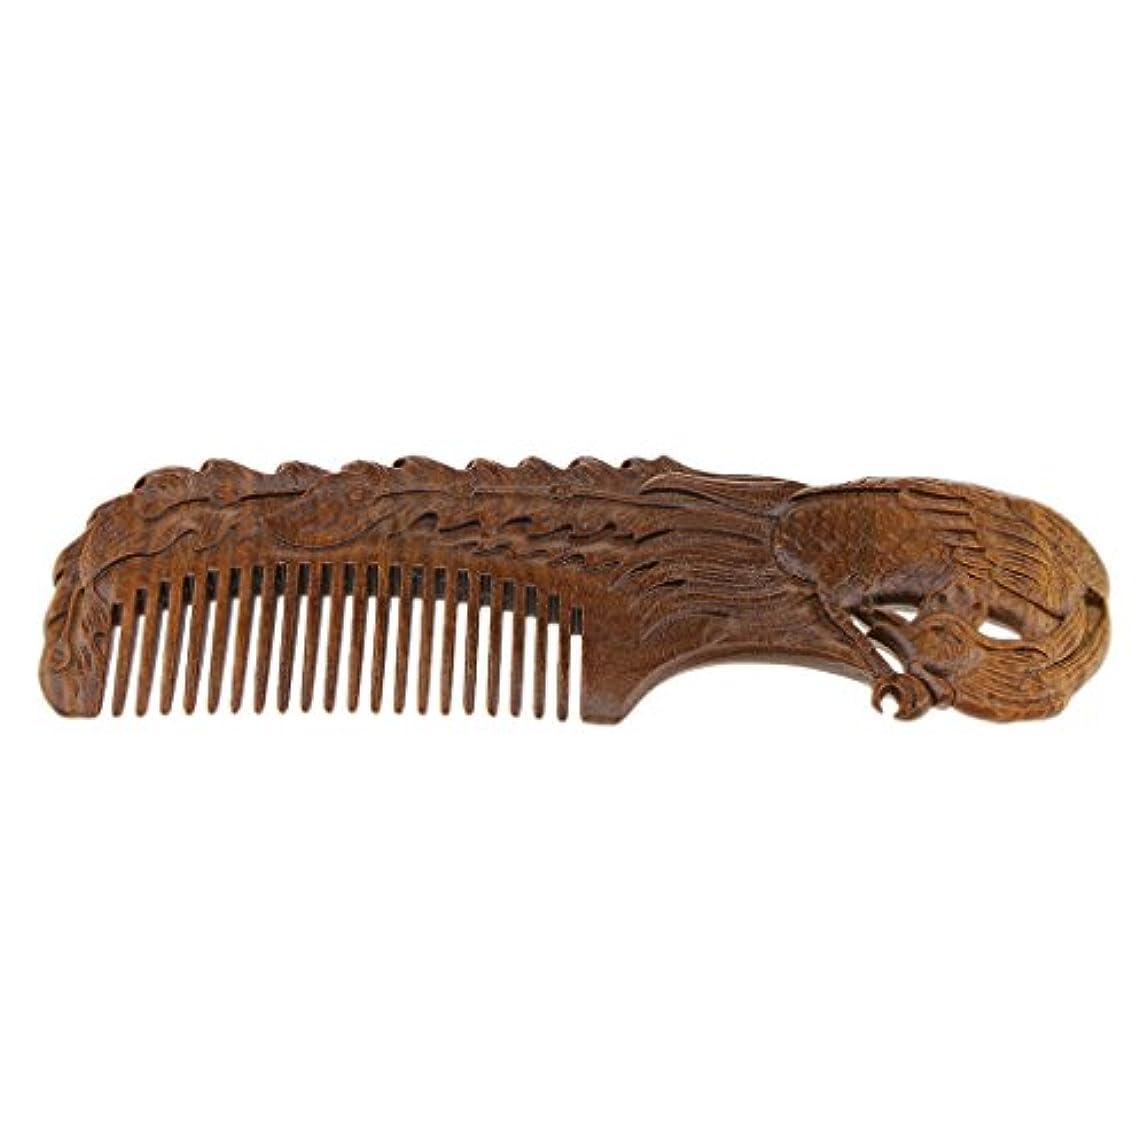 資本主義抵抗トーストウッドコーム 木製コーム 木製櫛 ヘアブラシ ヘアコーム 滑らかな歯 頭皮マッサージ 全2種類選択 - Phoenix